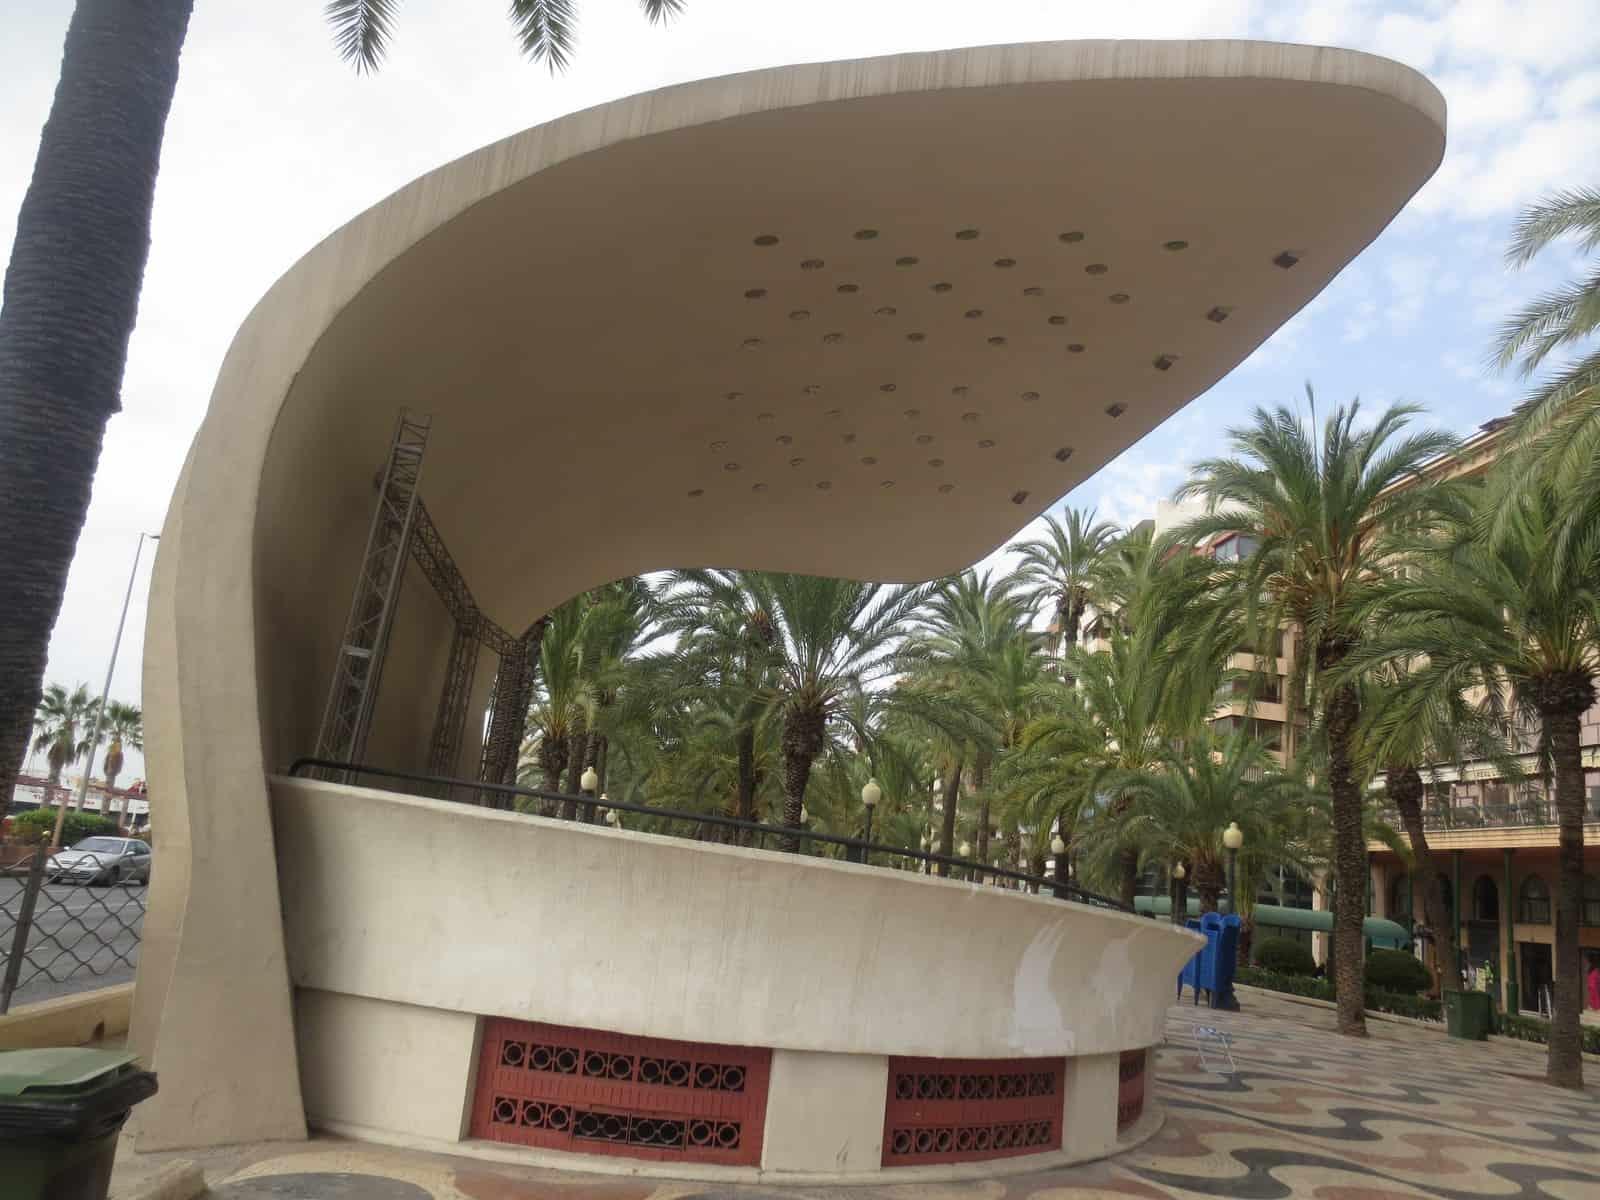 Feria del Corredor MM Alicante, 4-10-2013 015